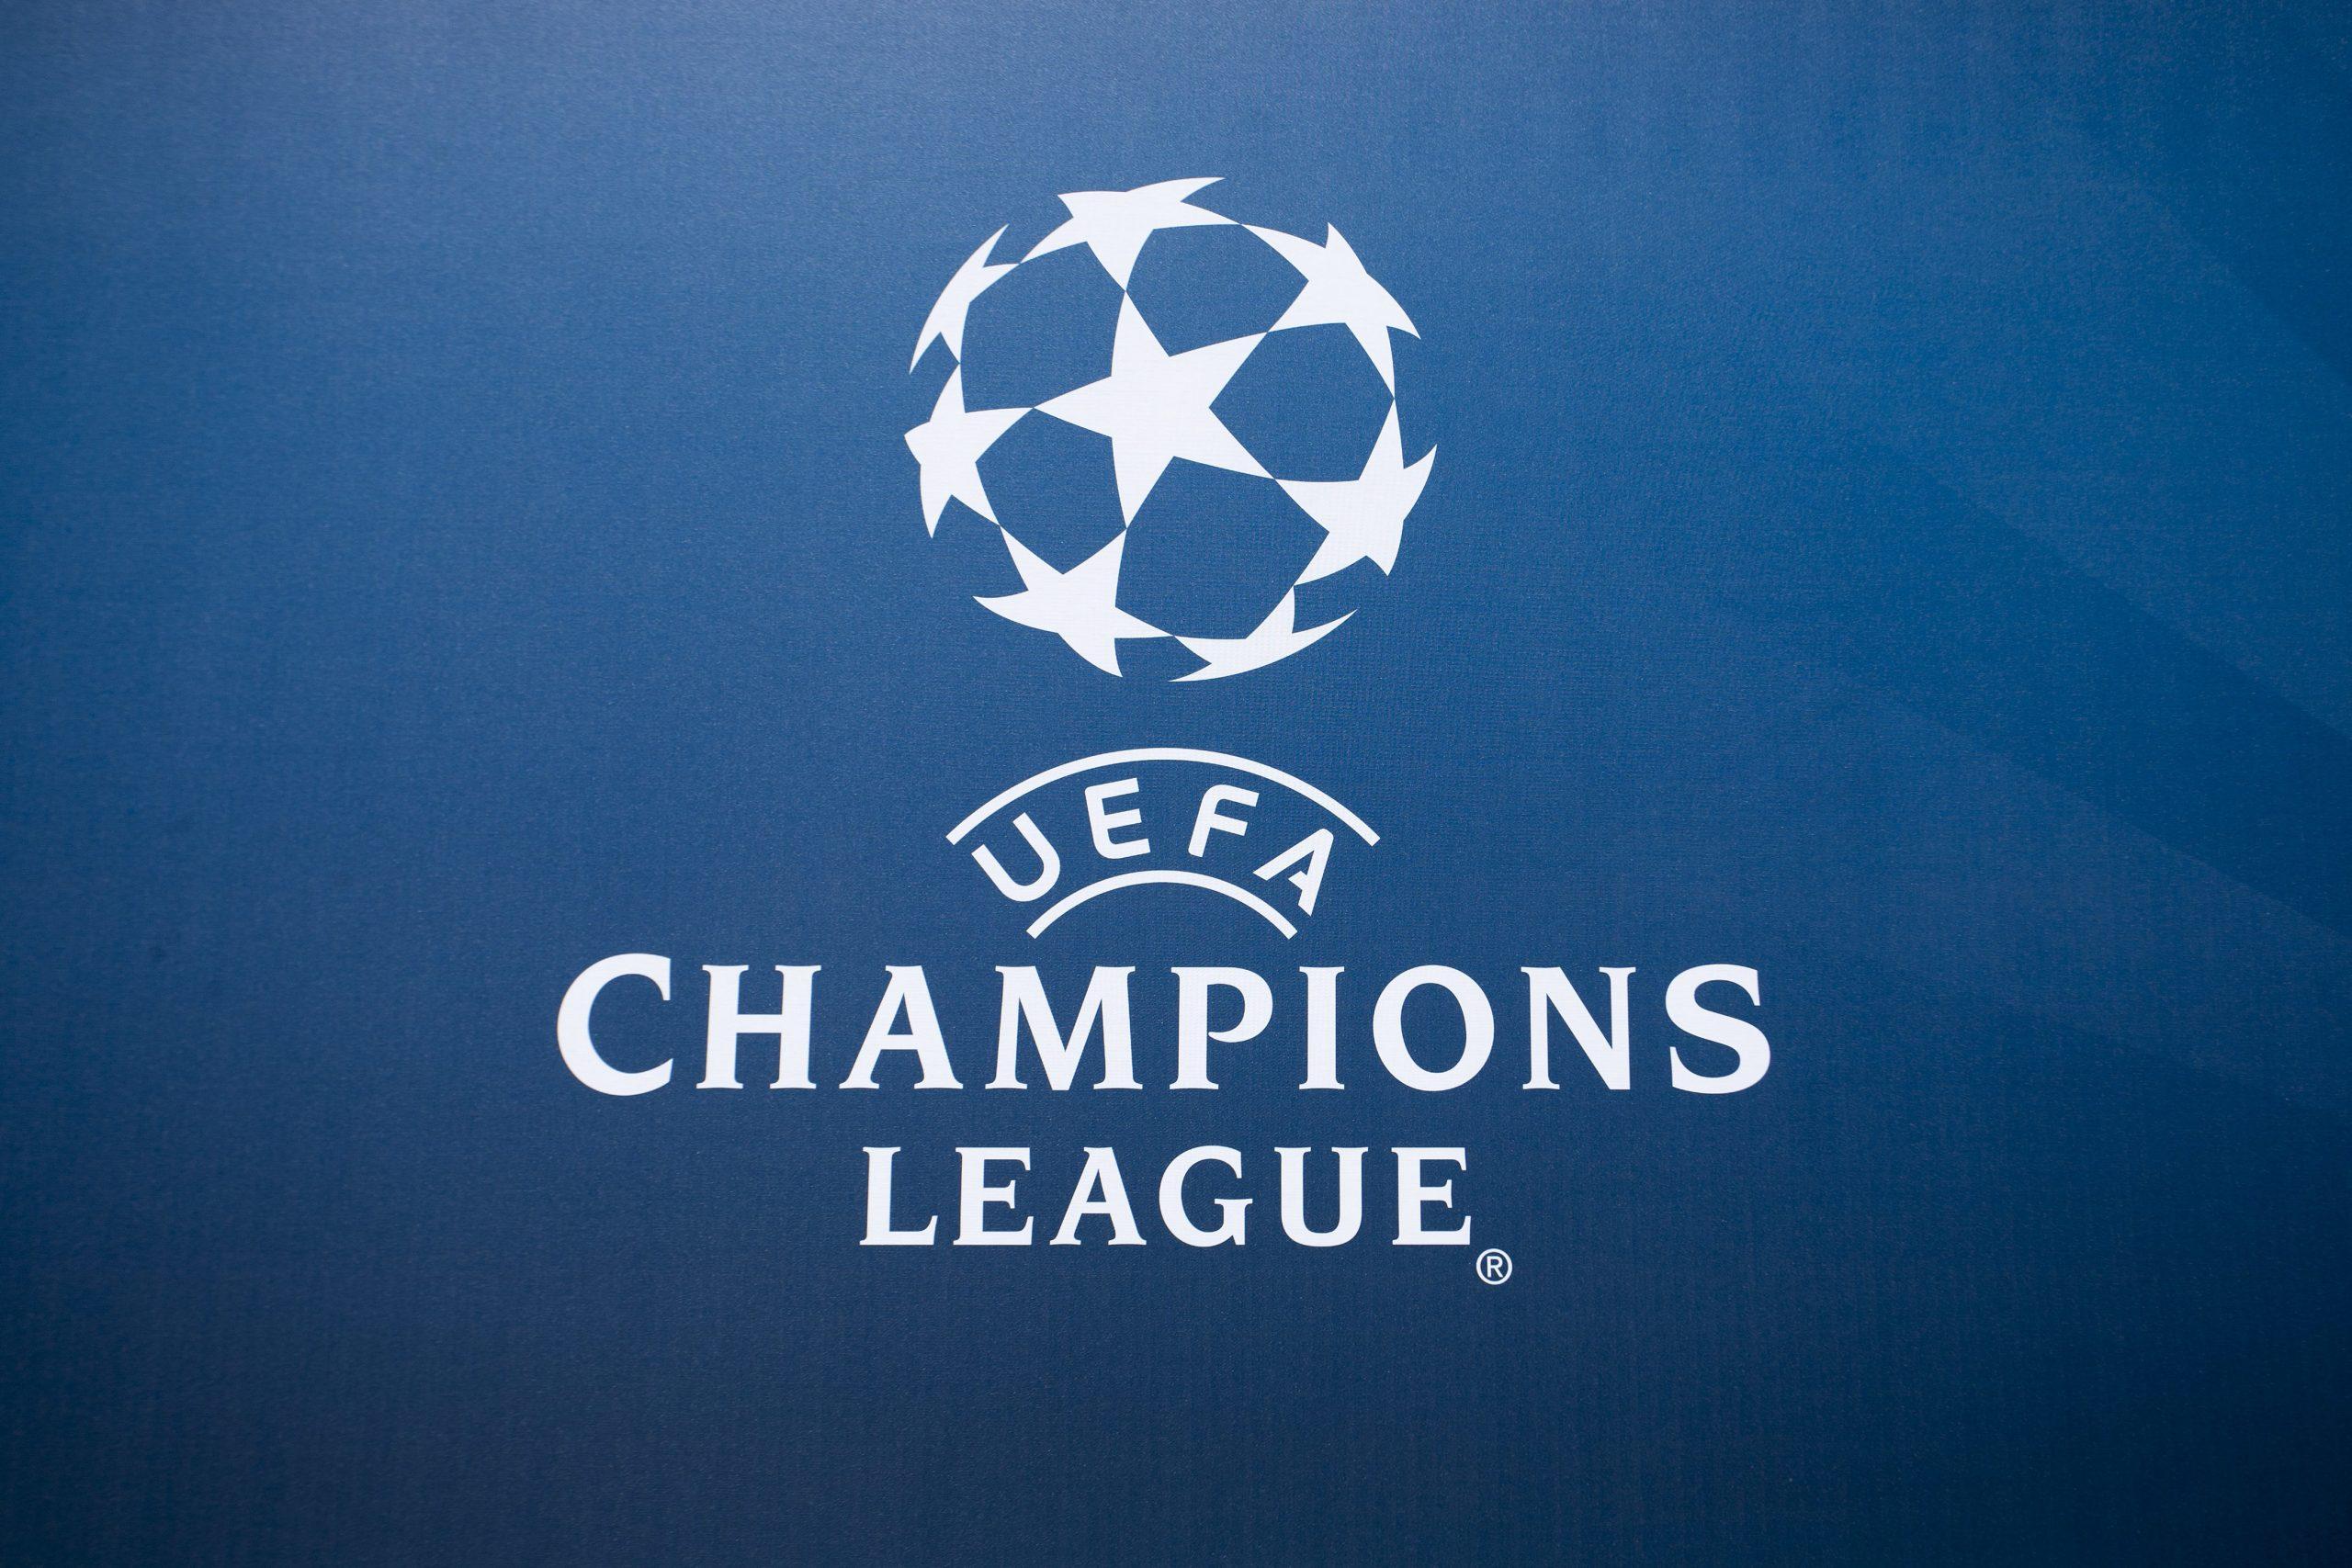 La Ligue des Champions terminée avec des quarts de finale en un match, puis un Final Four selon AS